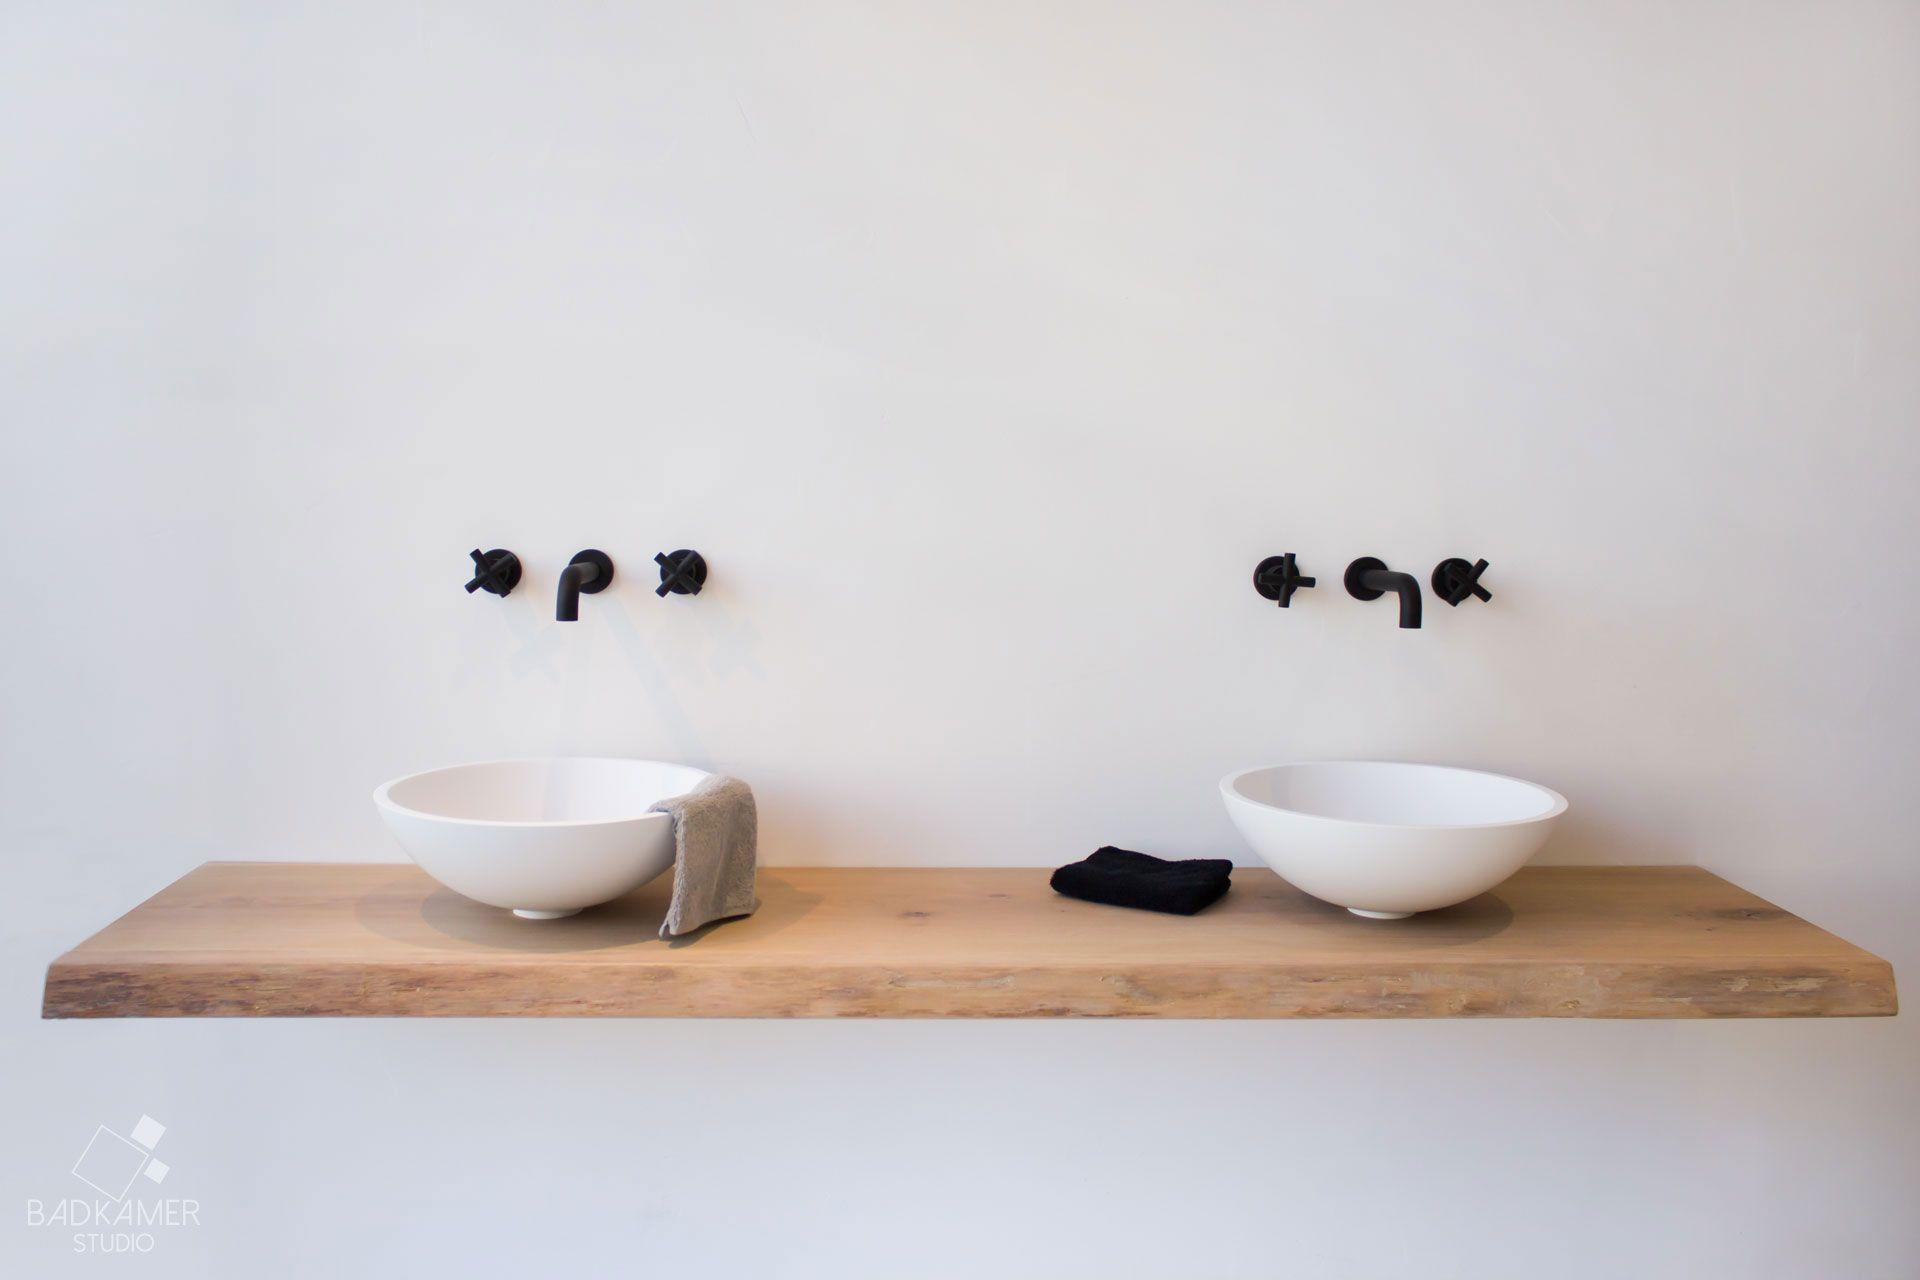 Maatwerk badkamer met een organische look. Voor de muur van deze badkamer is gebruik gemaakt van Kerlite tegels die niet van echt hout te onderscheiden zijn. Daarnaast is de badkamer voorzien van Solid Surface waskommen en ligbad met opbergruimte voor uw handdoeken of mooiste boeken. Verder zorgen de mat zwarte inbouwkranen voor een mooi contrast. De matzwarte uitloop welke vanuit het plafond water in het bad laat lopen is toch wel het middelpunt van deze badkamer #badkamerstudio